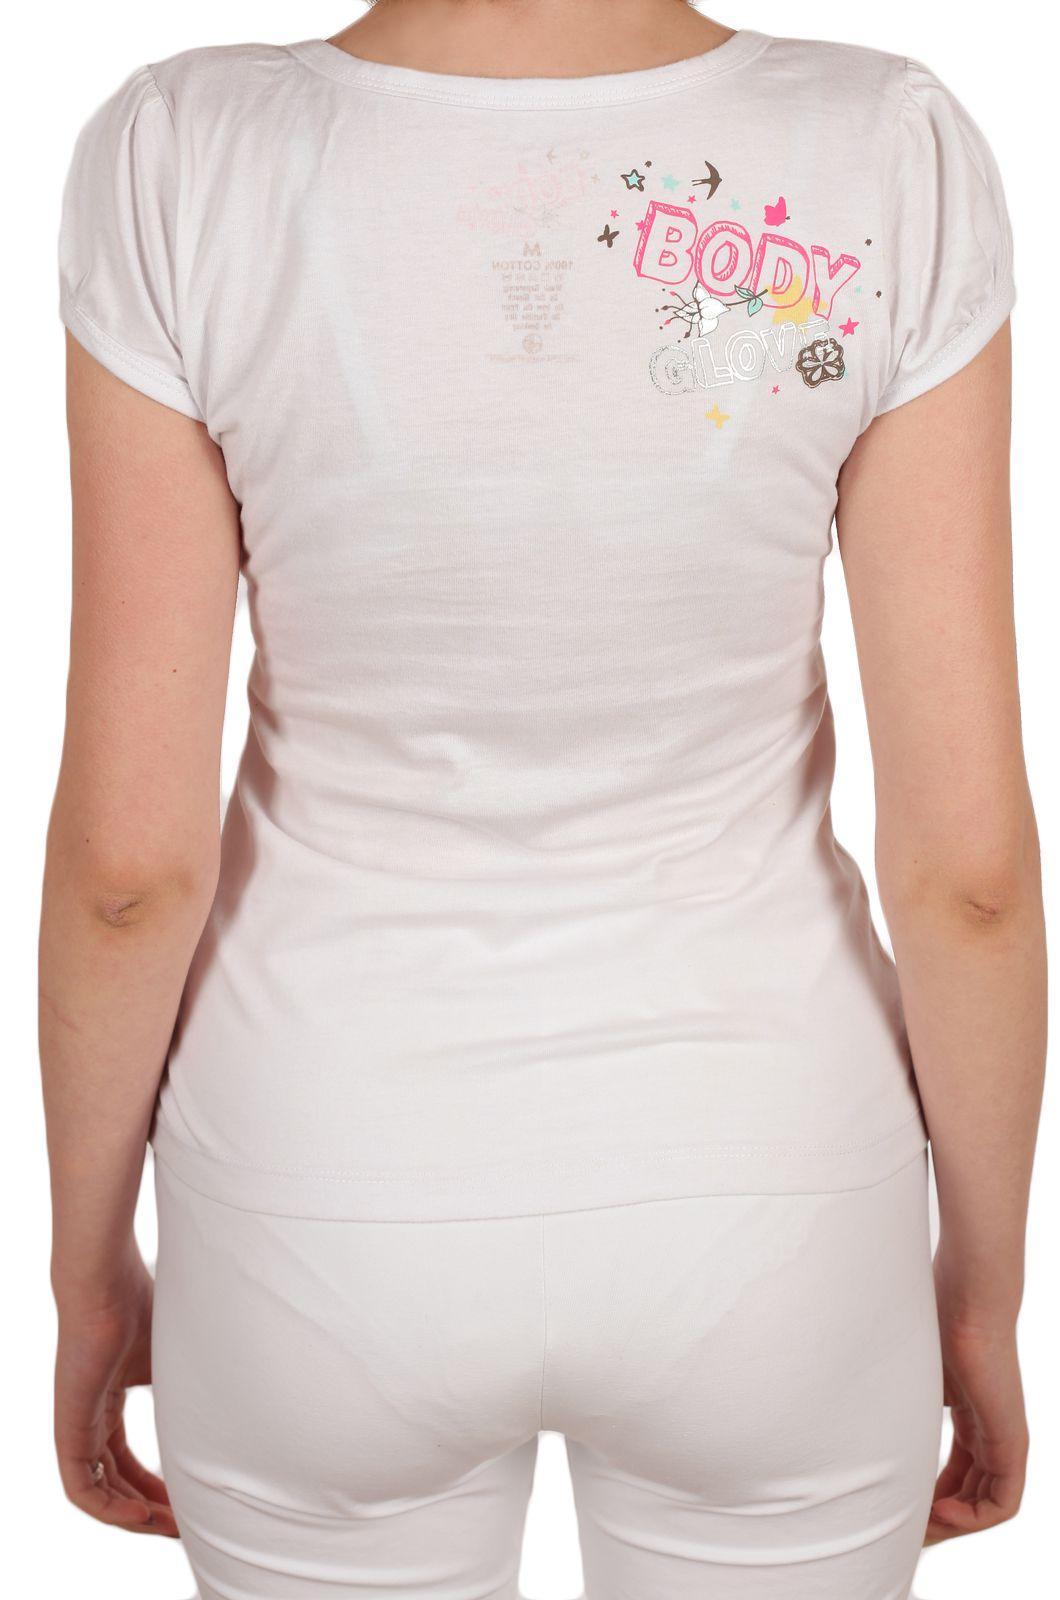 Летняя футболка Body Glove® Girl - вид сзади